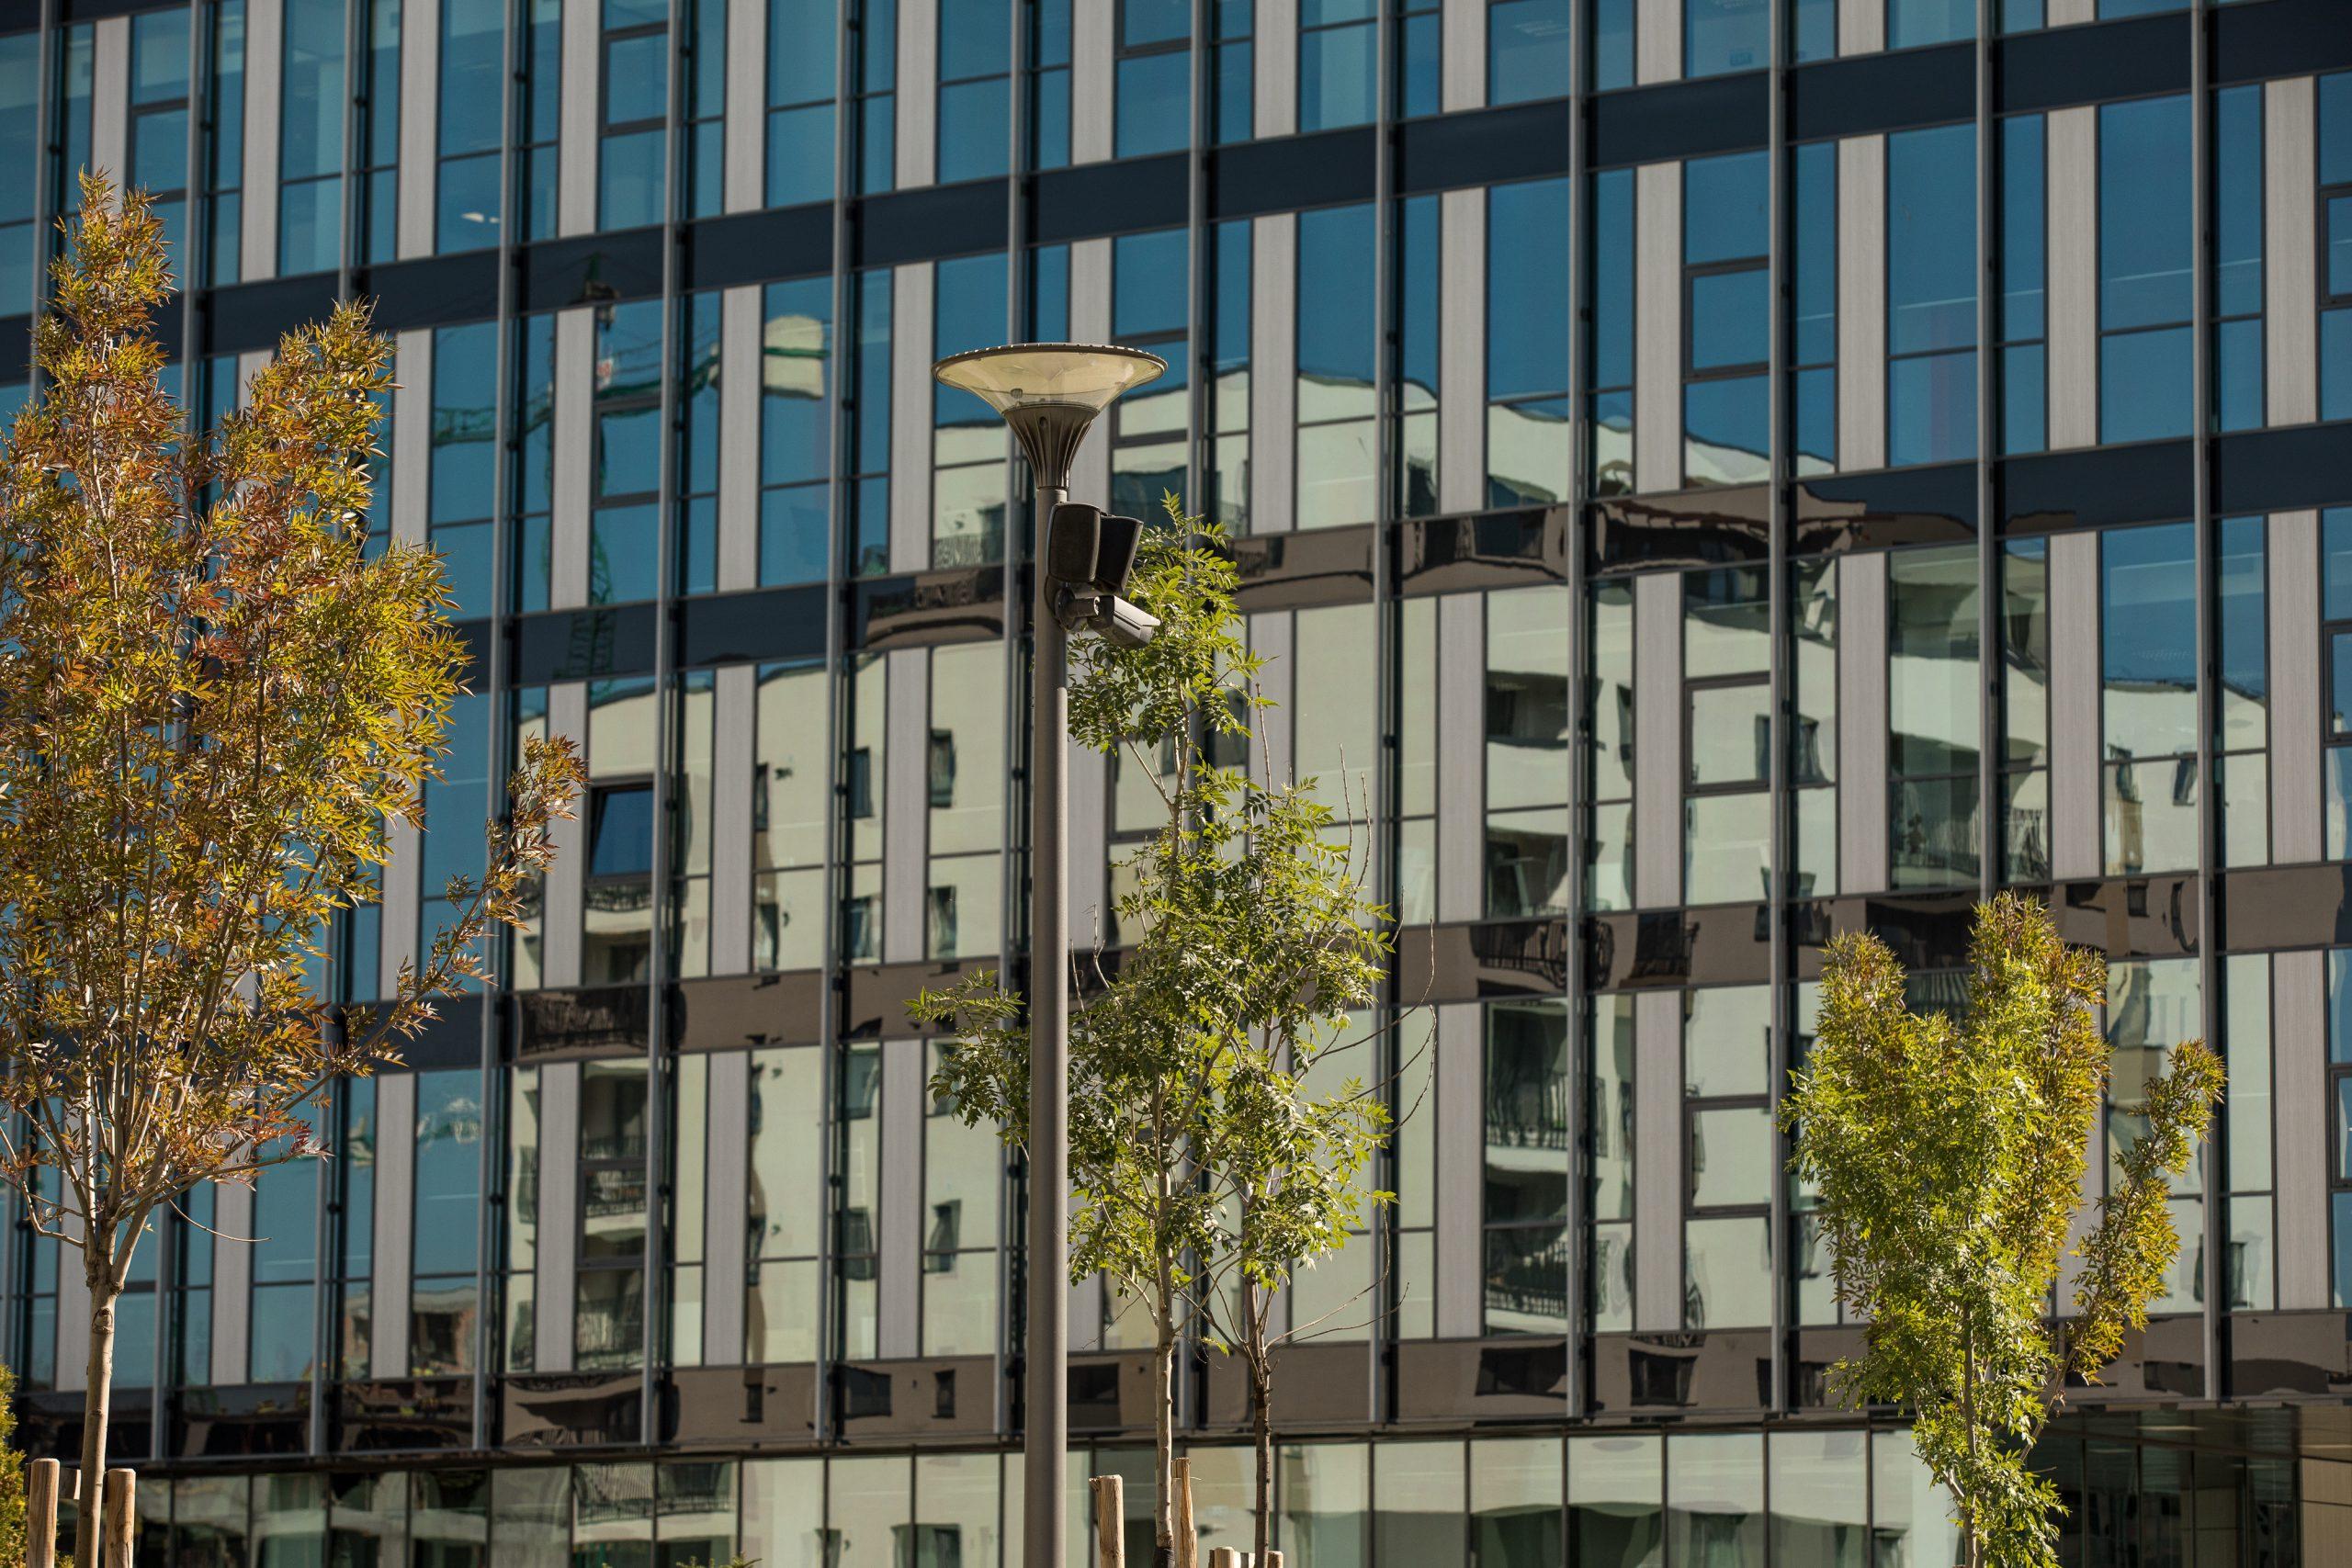 Investiția într-un apartament, oportună pe timp de criză, când și devalorizarea bate la ușă. Chiria poate rămâne un venit sigur